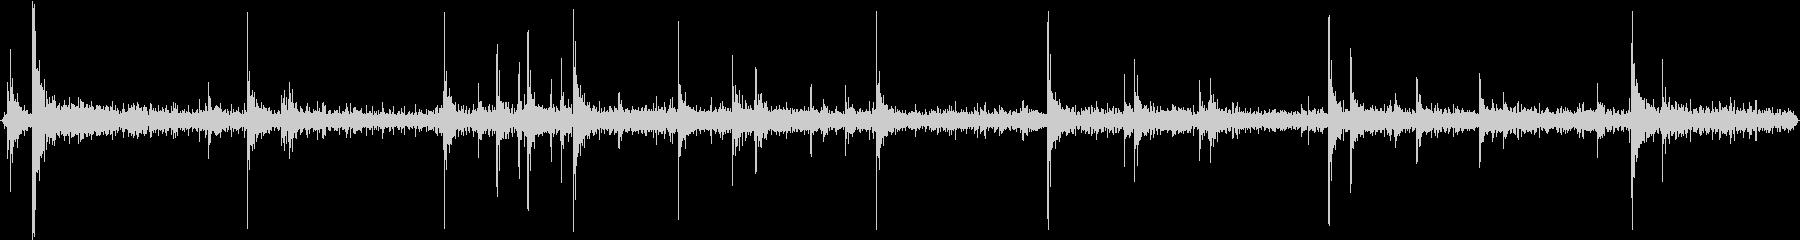 電気溶接機のスパーク音の未再生の波形